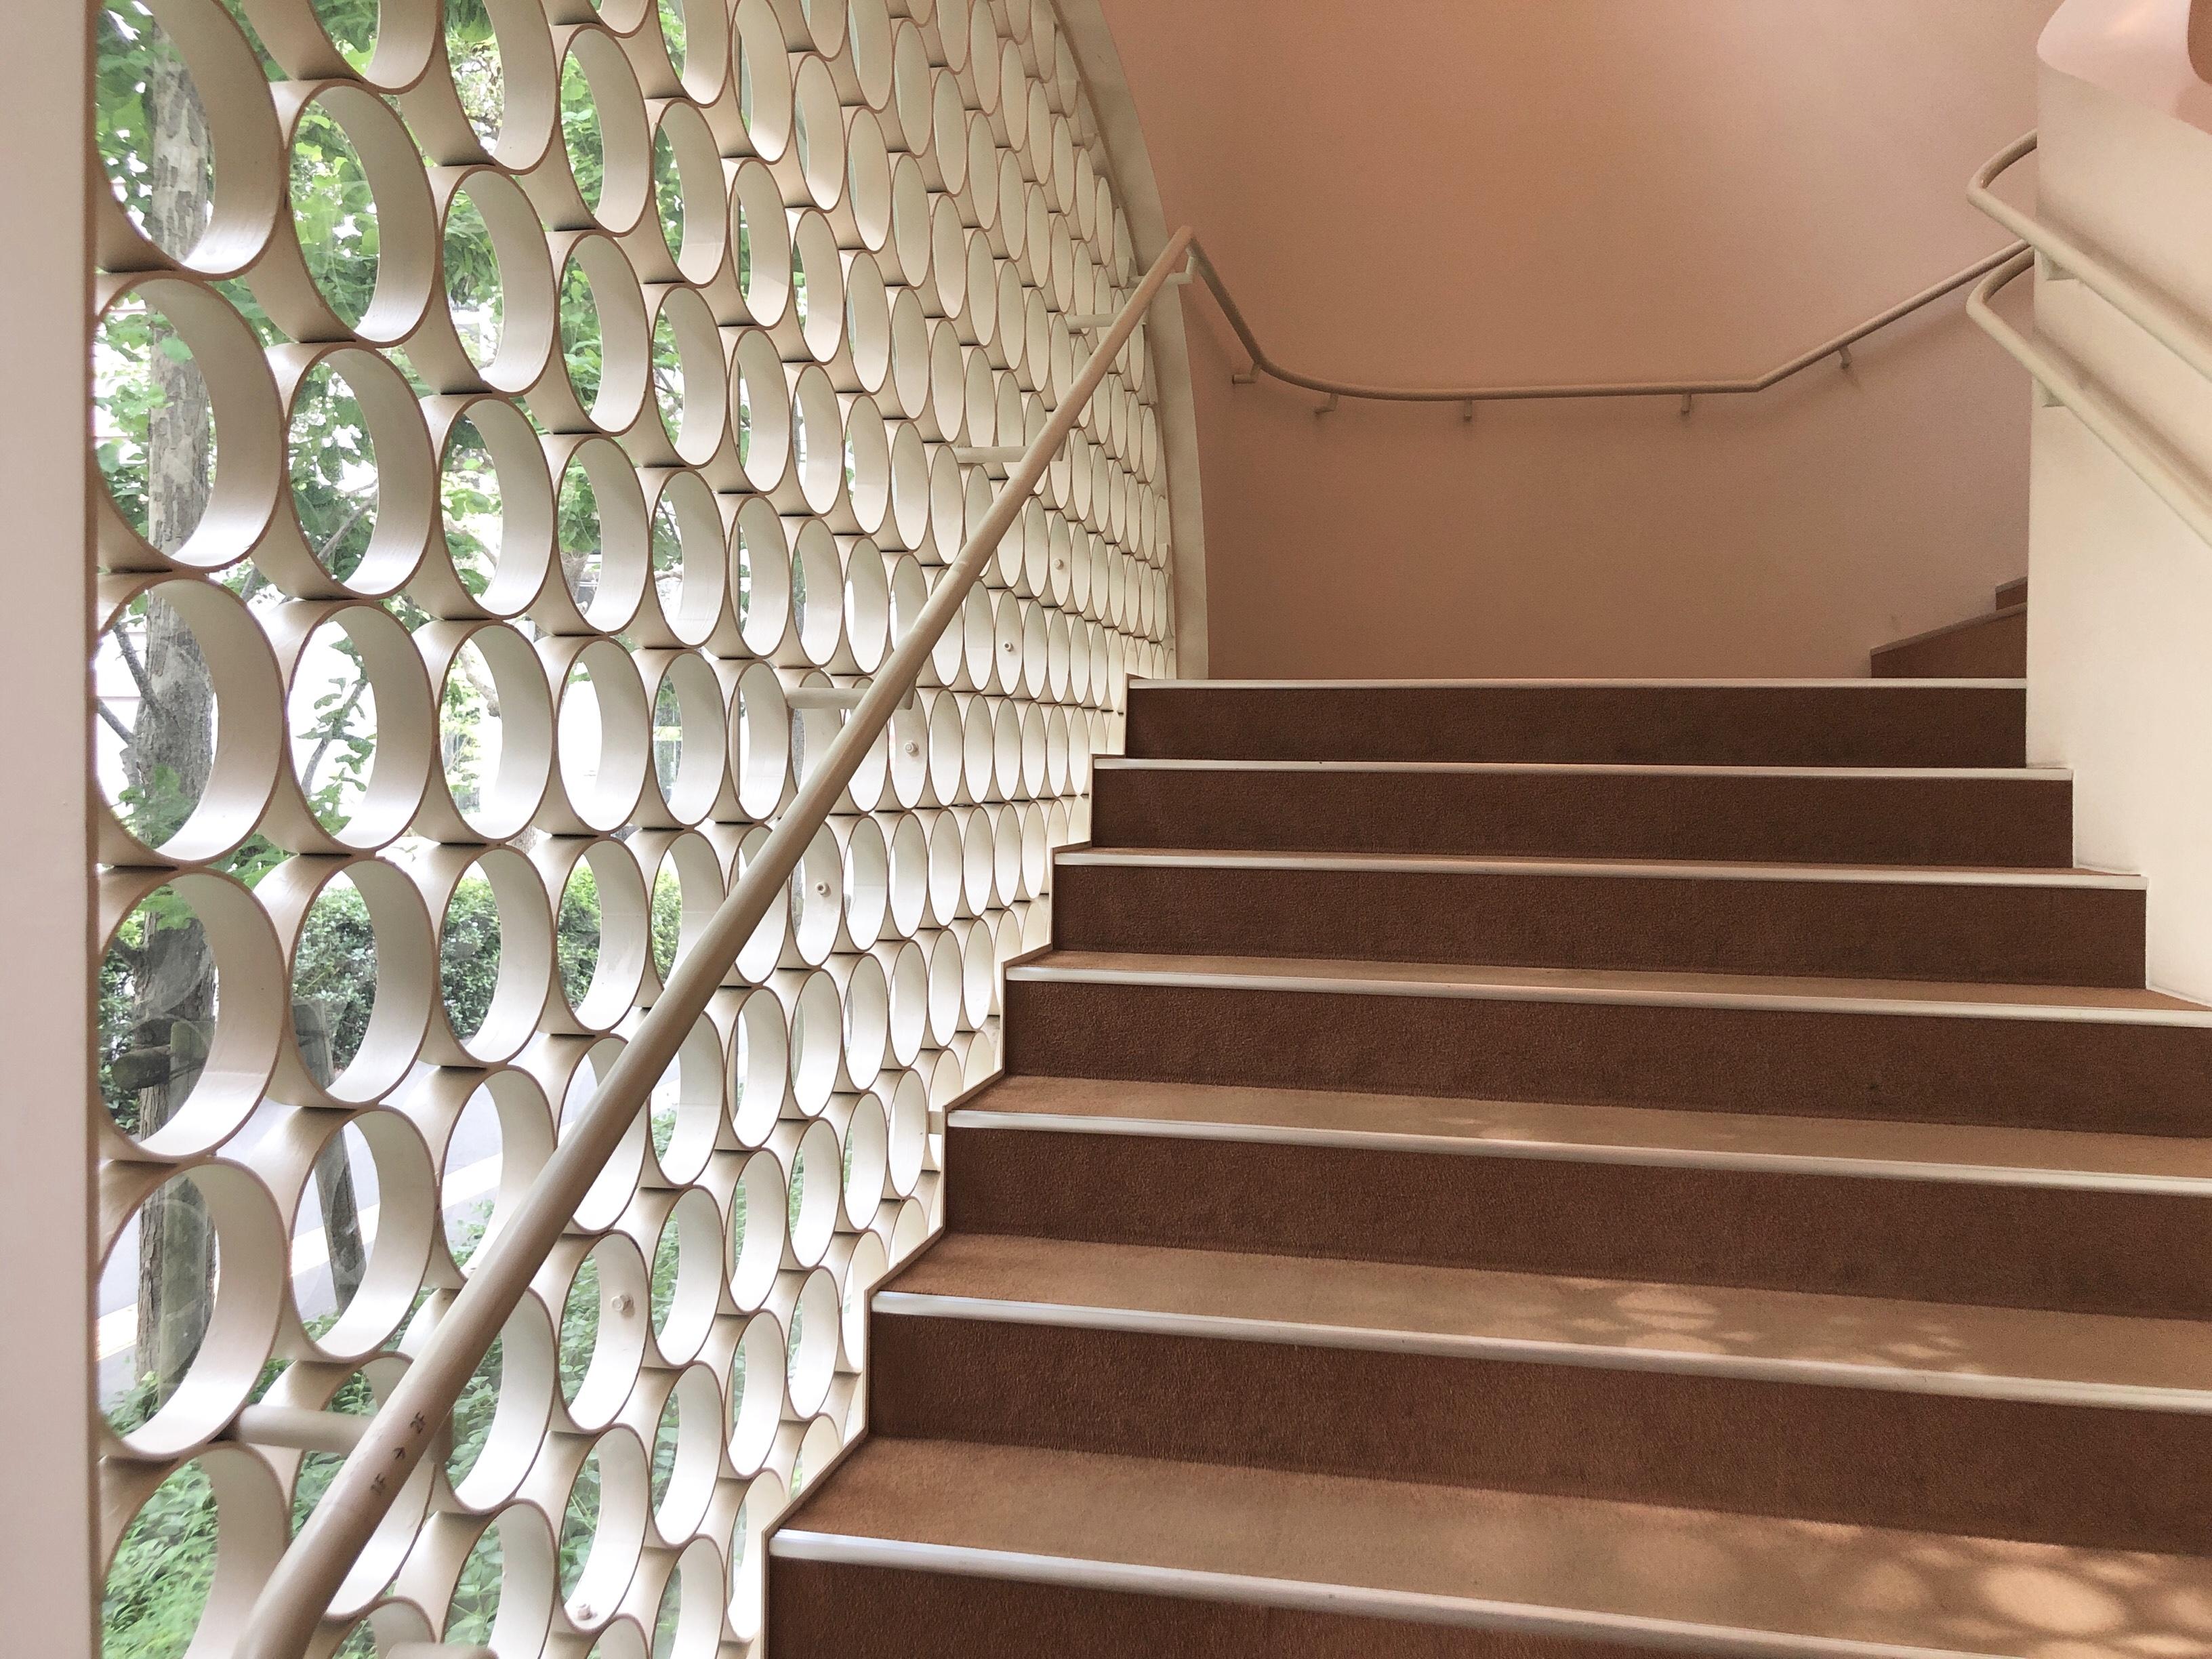 やわらかく陽の光が入る階段がステキです。